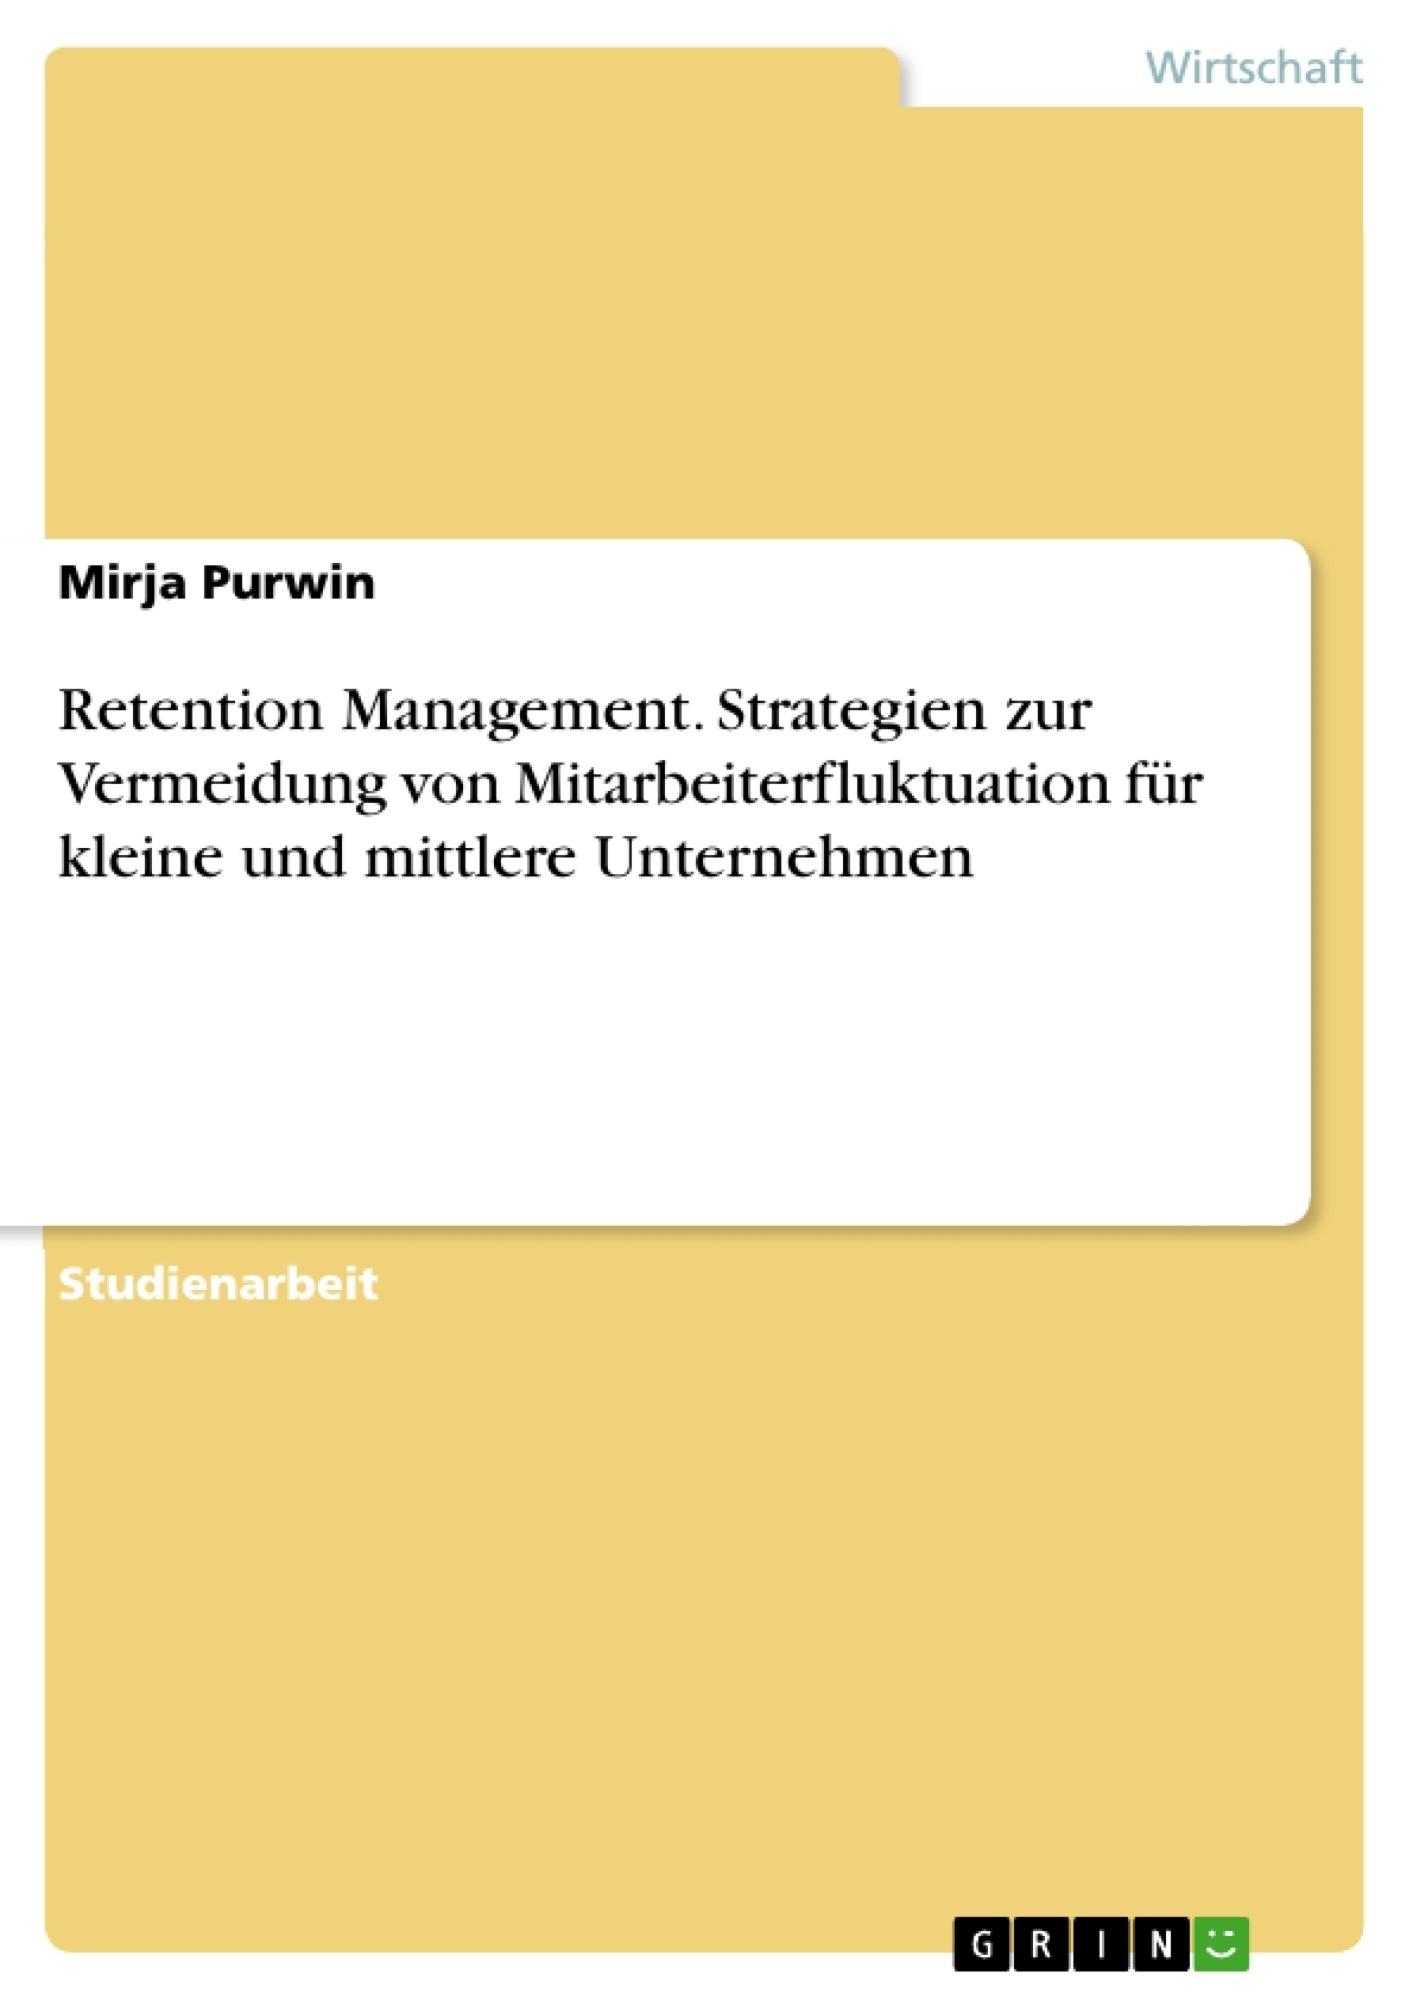 Titel: Retention Management. Strategien zur Vermeidung von Mitarbeiterfluktuation für kleine und mittlere Unternehmen